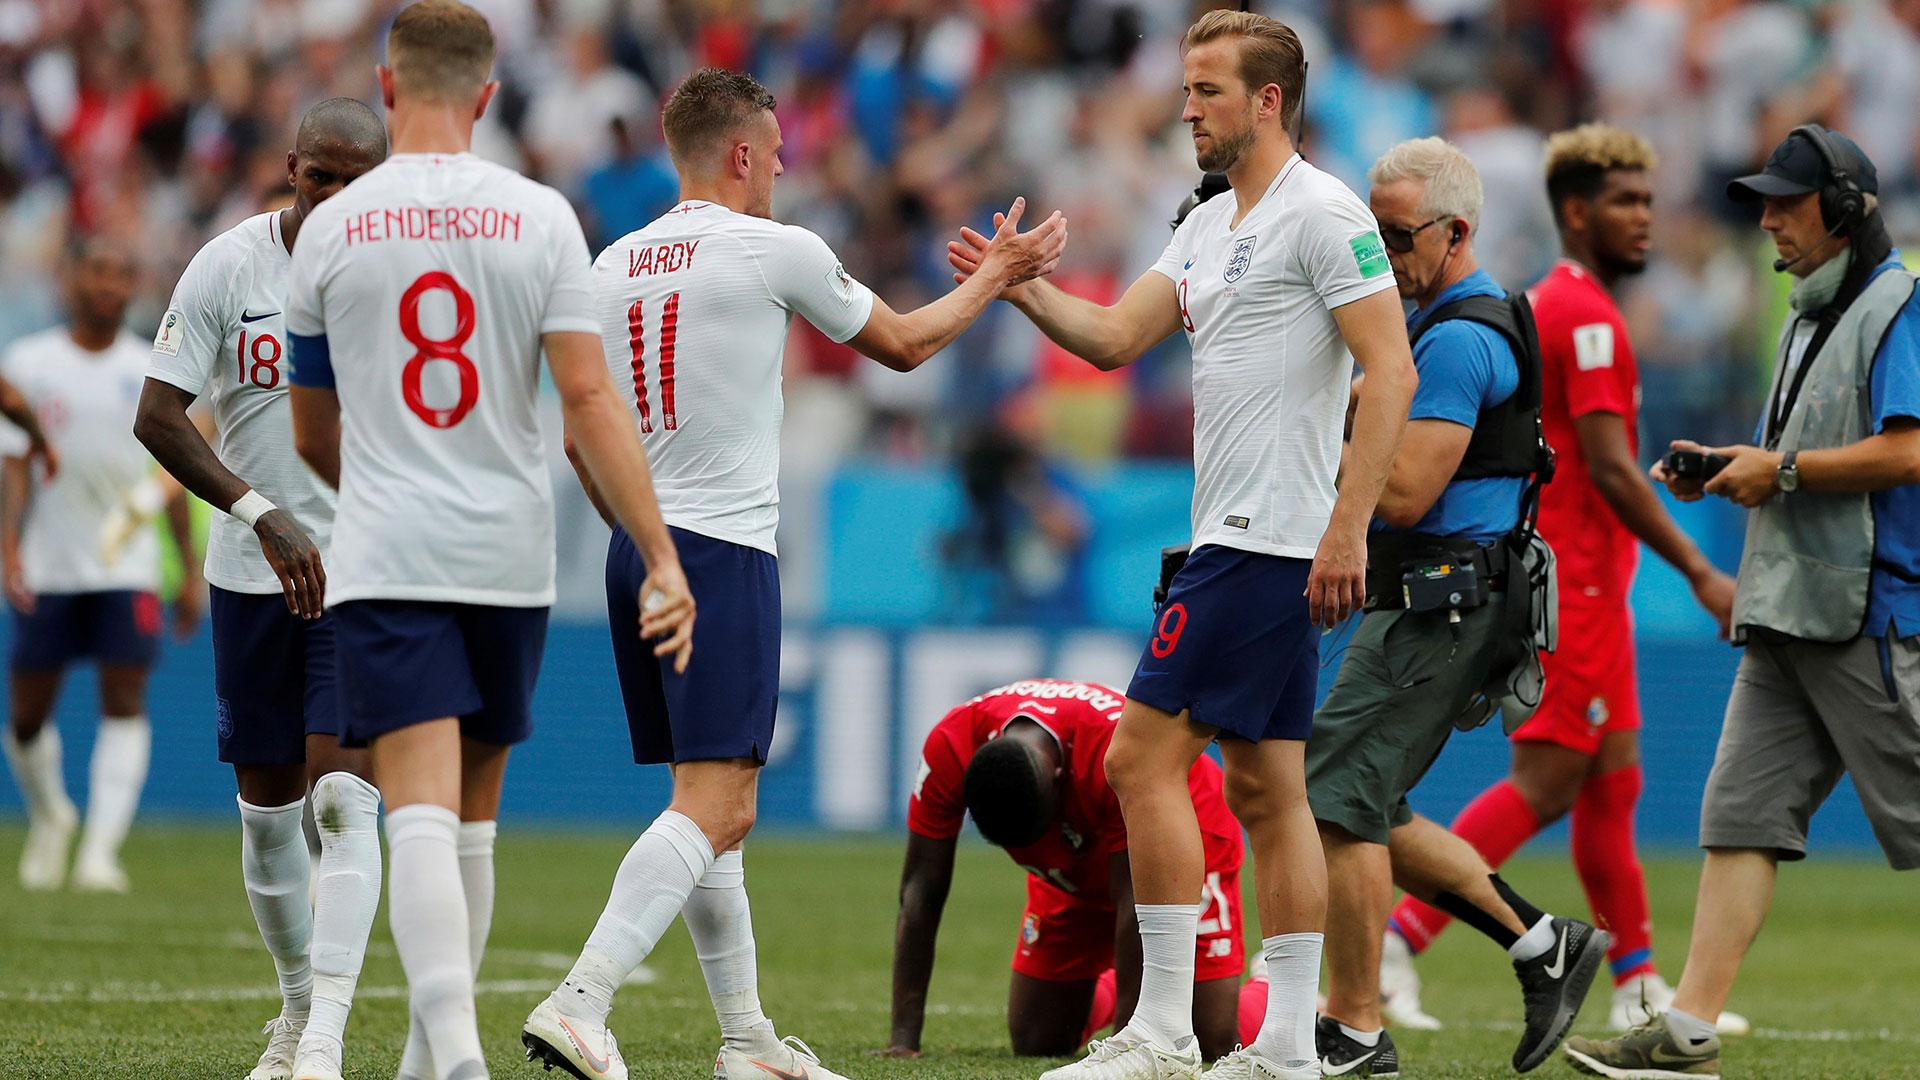 La guerra de las tarjetas podría decidir el Inglaterra-Bélgica